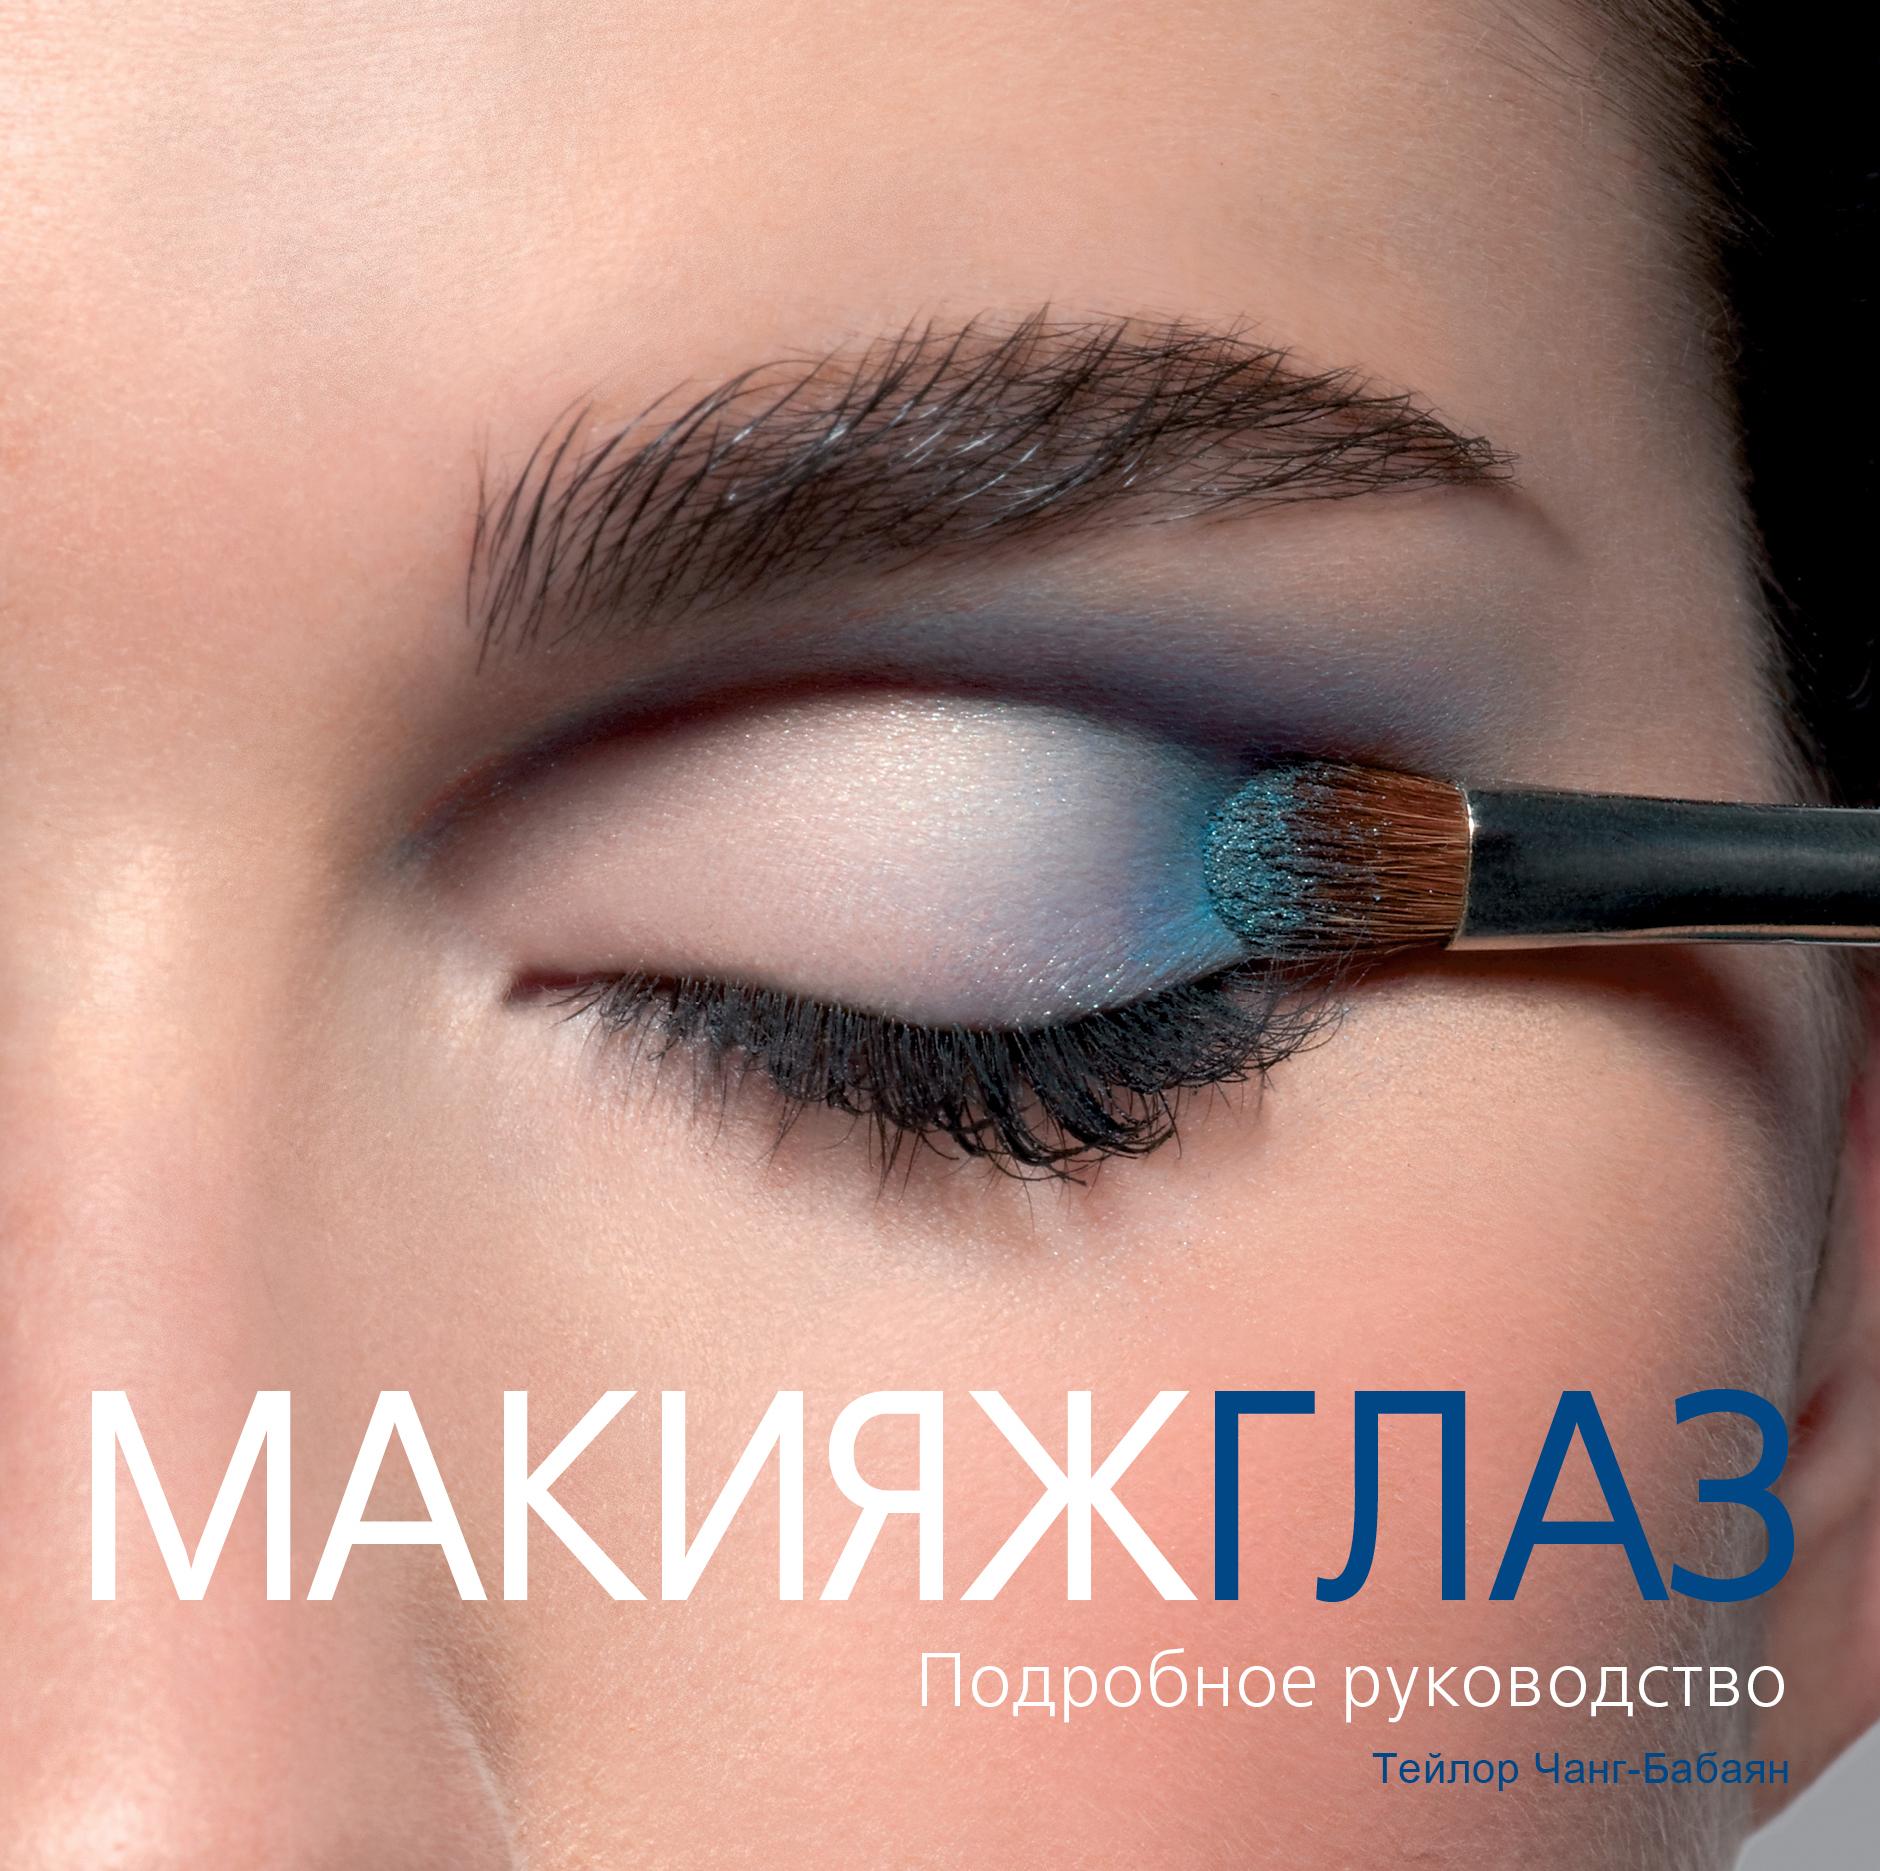 Чанг-Бабаян Т. Макияж глаз. Подробное руководство (KRASOTA. Макияж от профессионалов) браун бобби макияж глаз